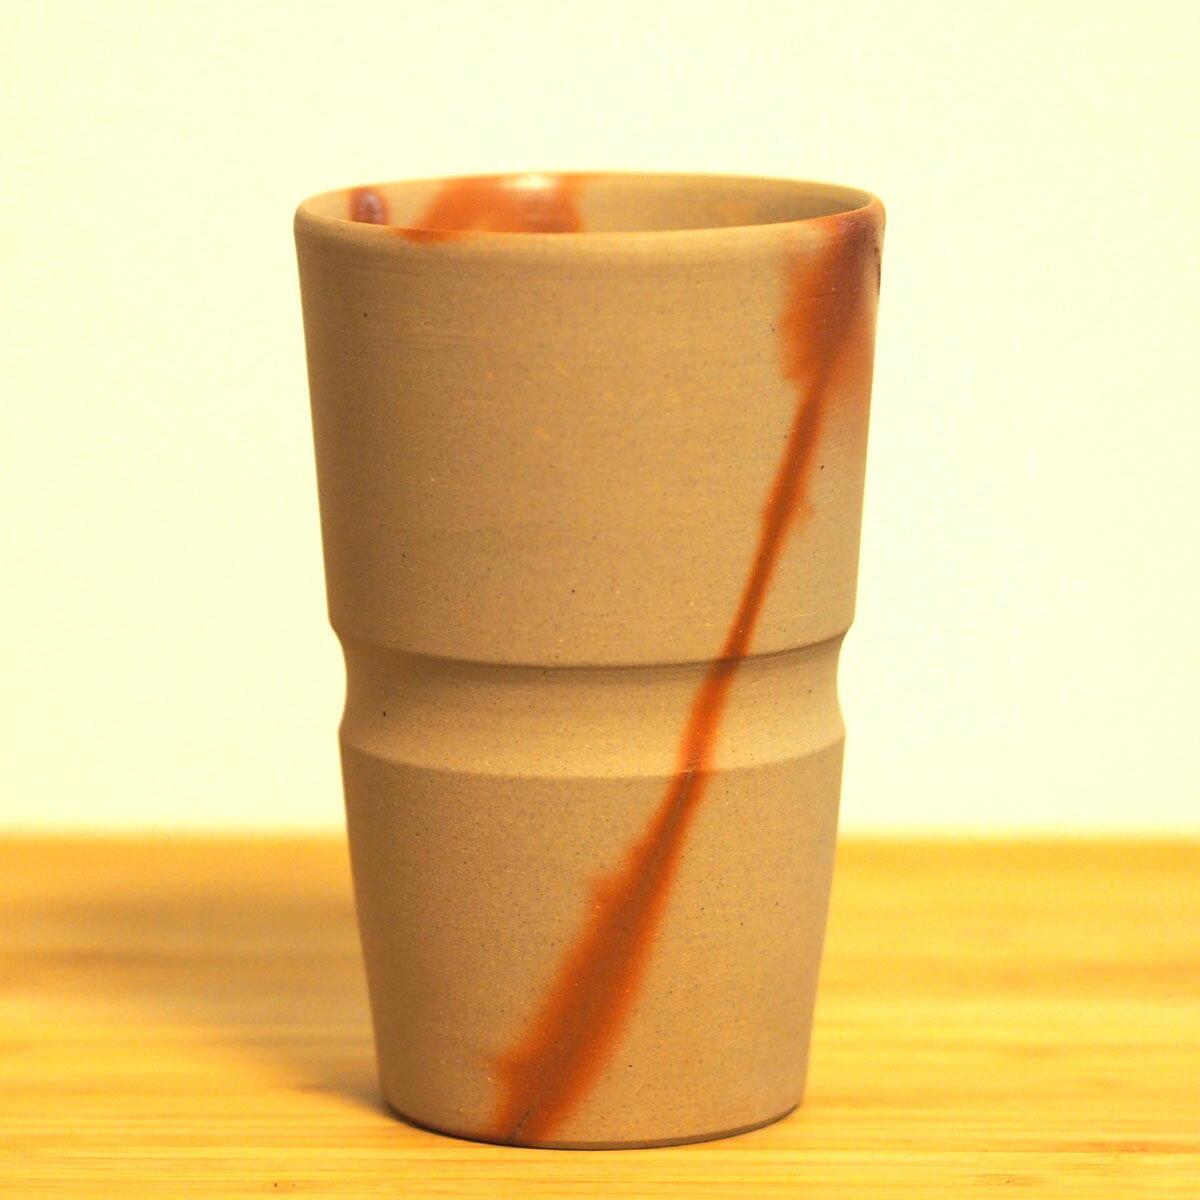 備前焼 ビアマグタンブラー 小川弘藏作【父の日・誕生日・長寿祝い・敬老の日 等の特別な贈り物・お祝いとして】ビール焼酎麦茶コーヒー等に。ビアマグ・麦酒盃湯呑みにも【楽ギフ_のし】